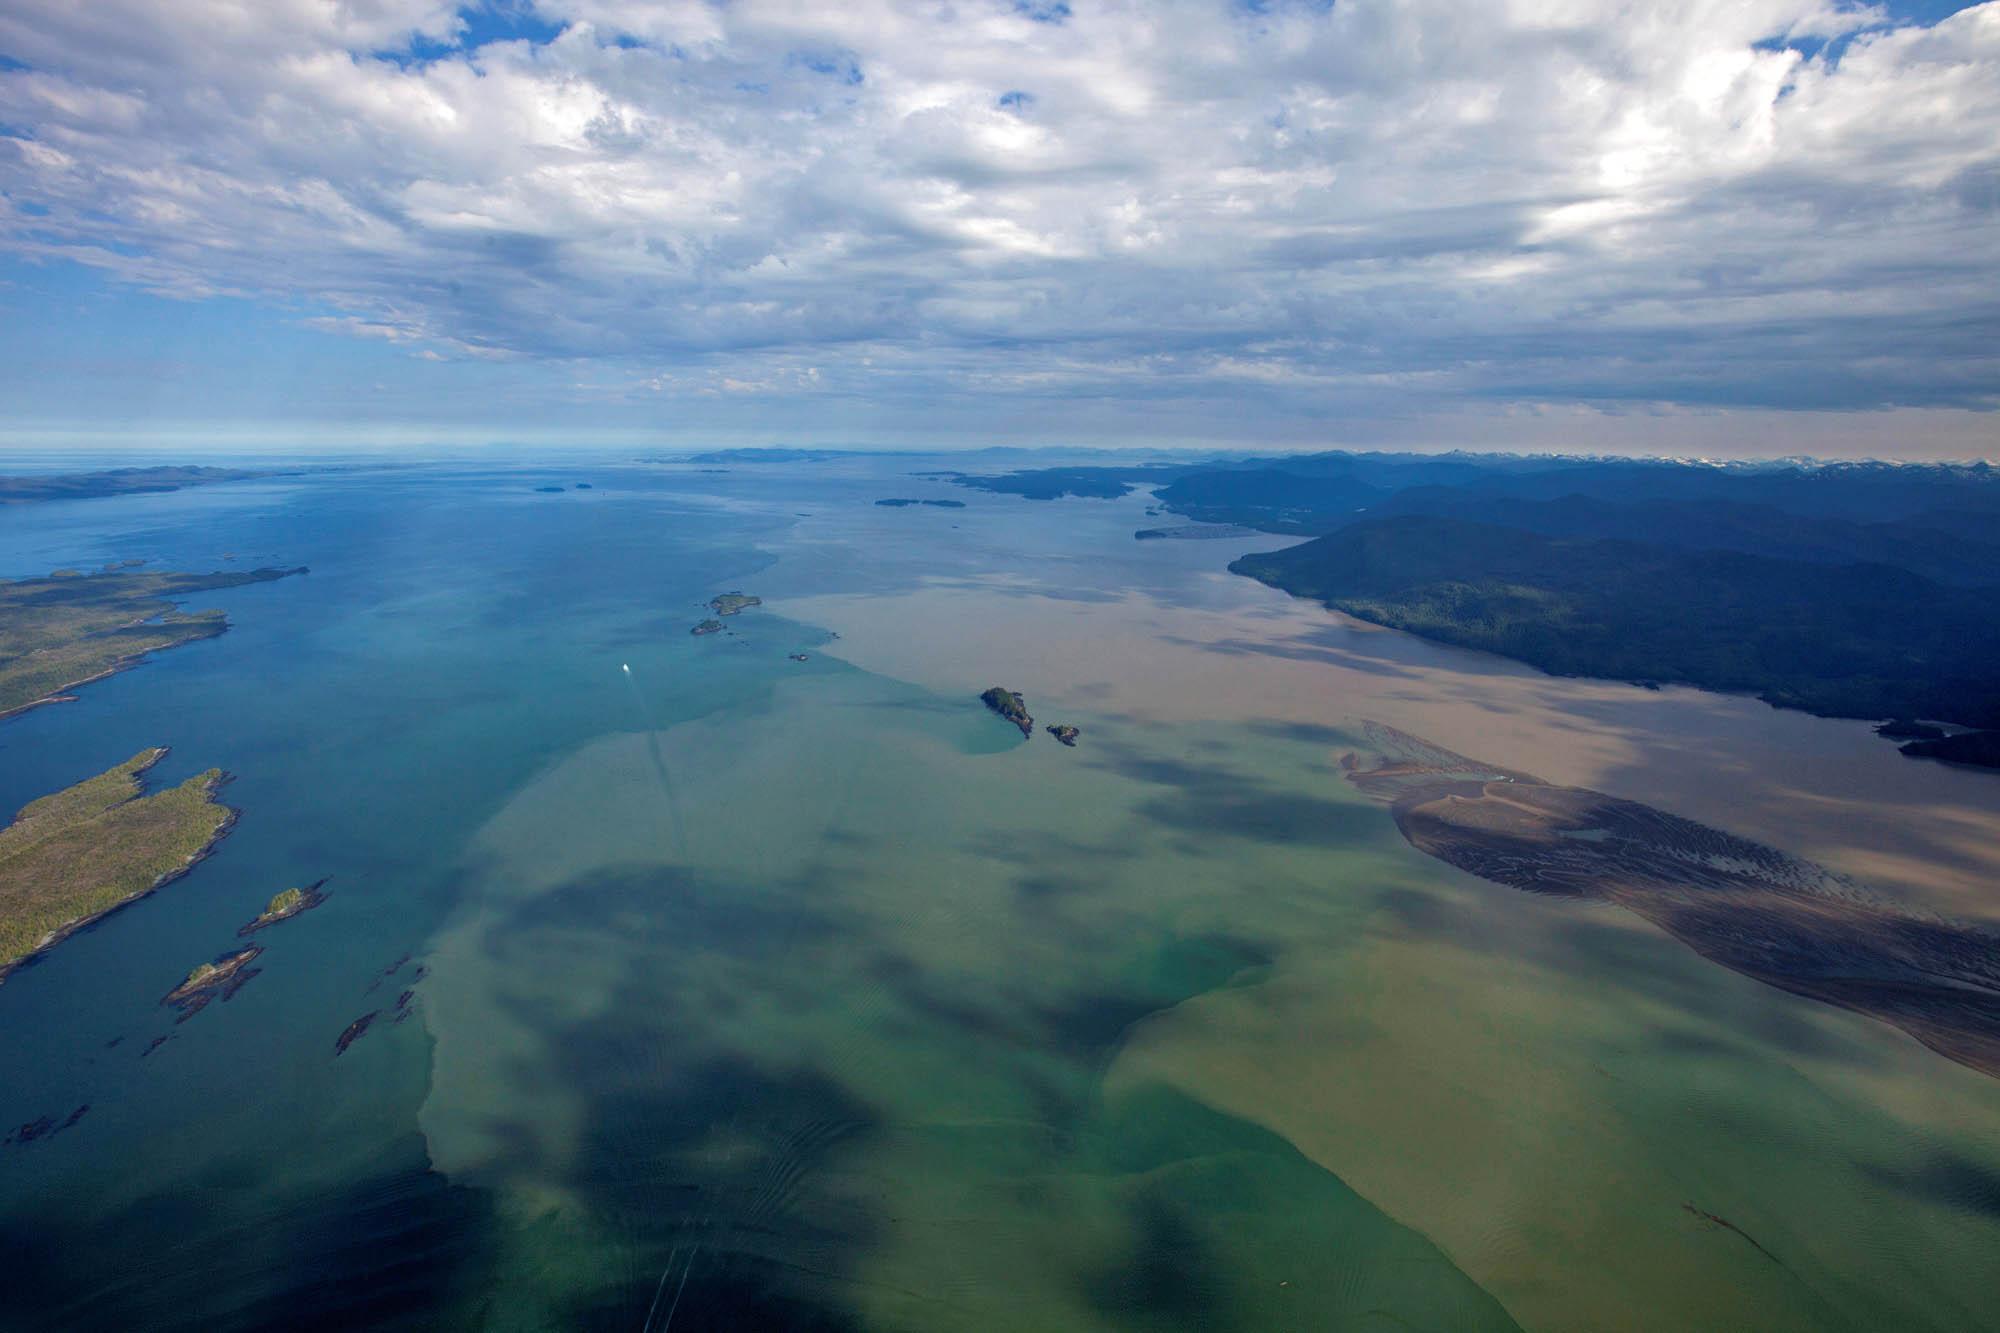 Skeena River Estuary Juvenile Salmon Habitat